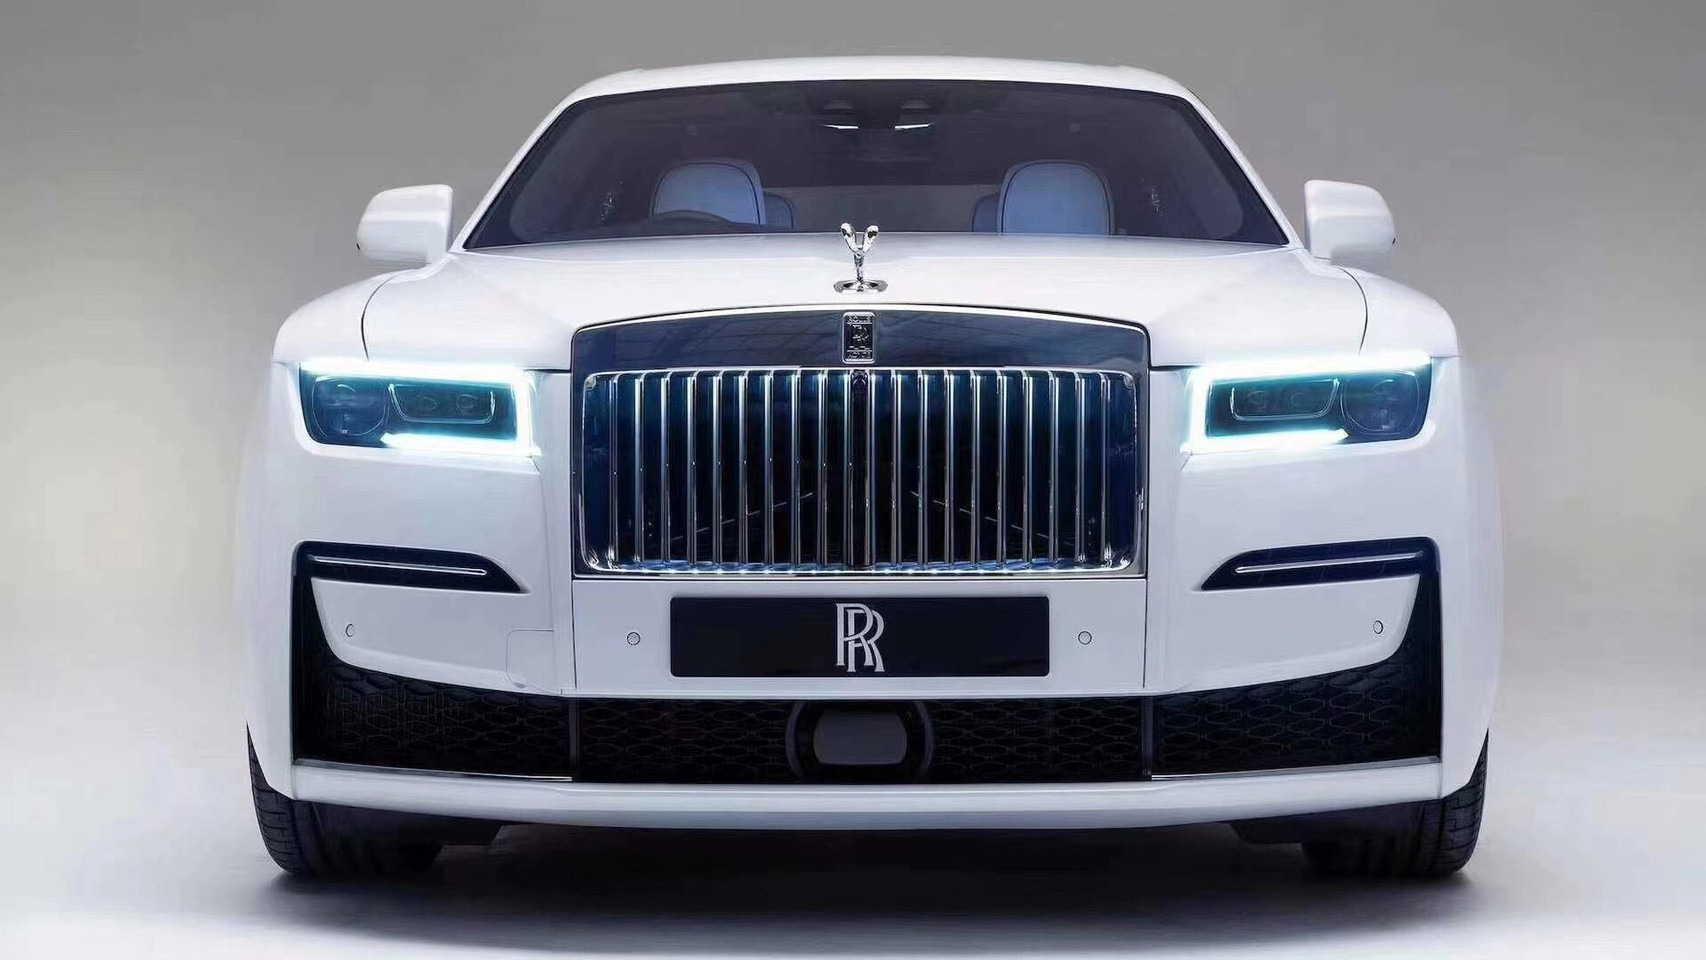 全新 Ghost 搭載最新科技鐳射頭燈組,車頭水箱護罩內鑲嵌 LED 光源。